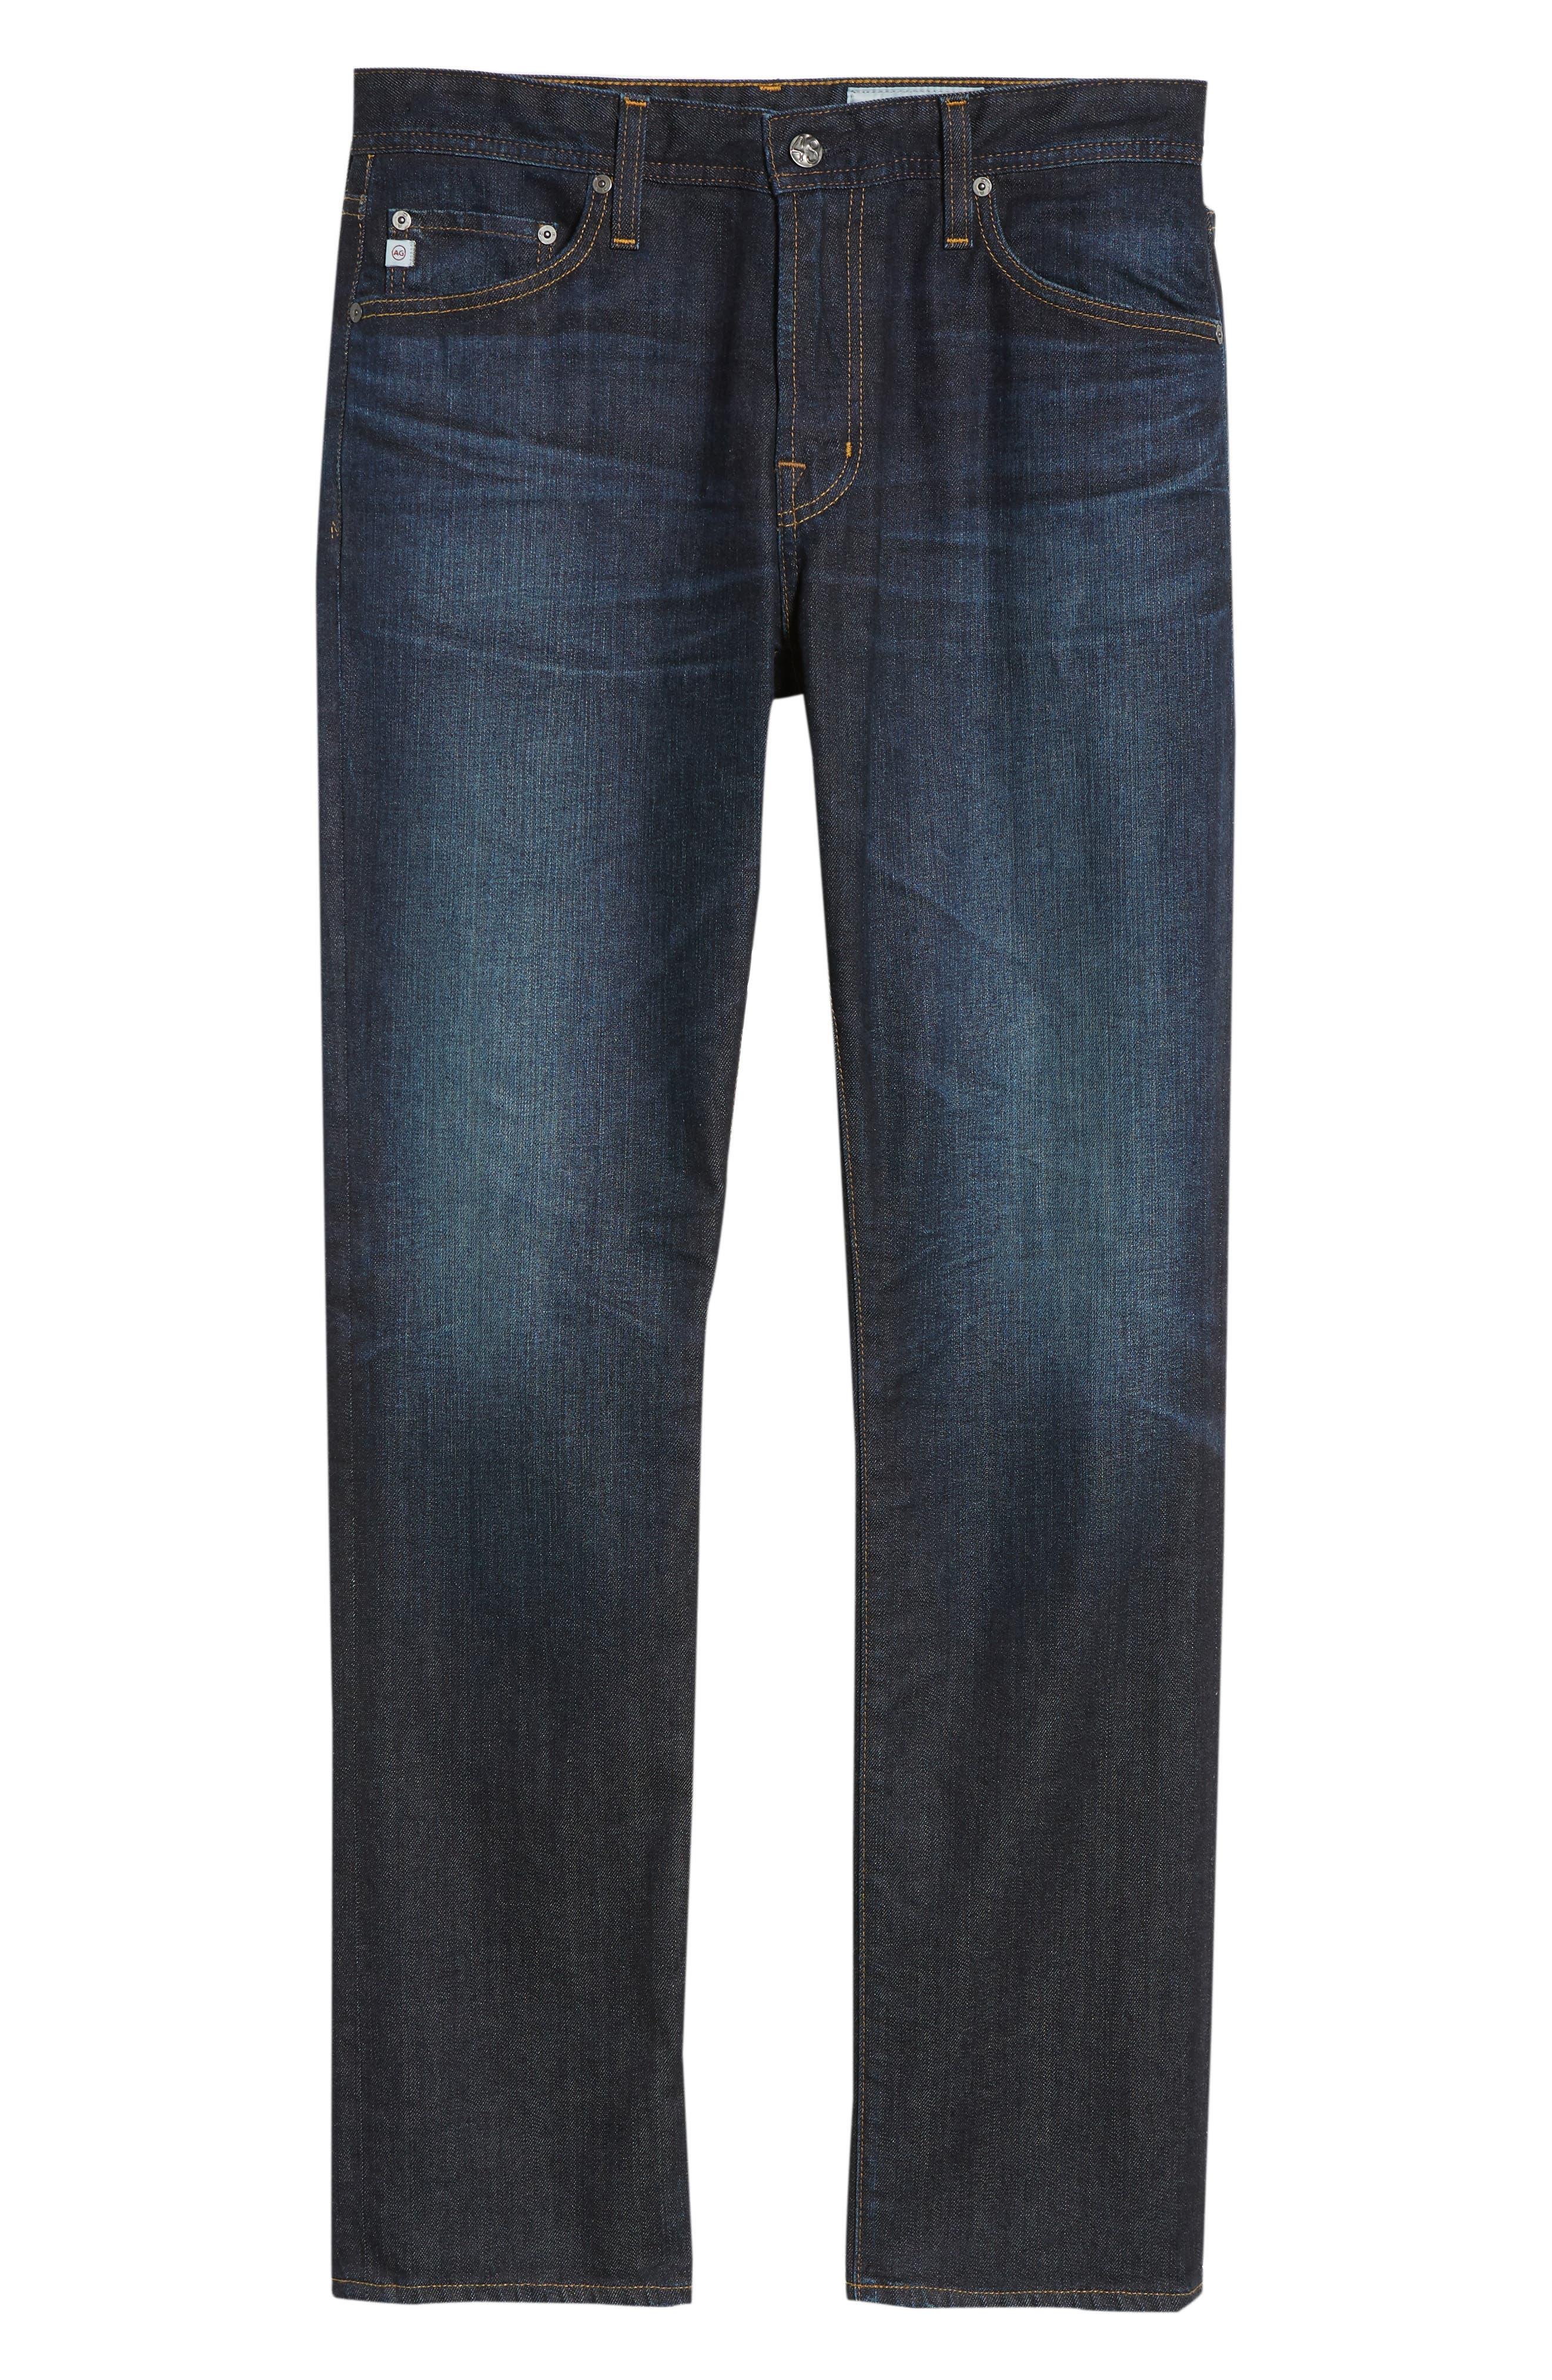 Everett Slim Straight Leg Jeans,                             Alternate thumbnail 6, color,                             5 YEARS CASINO